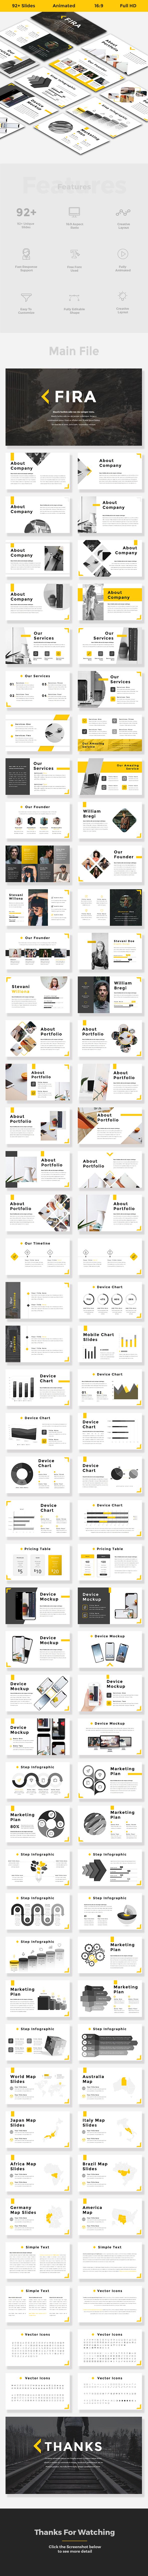 Fira - StartUp & Creative Powerpoint Template - Creative PowerPoint Templates